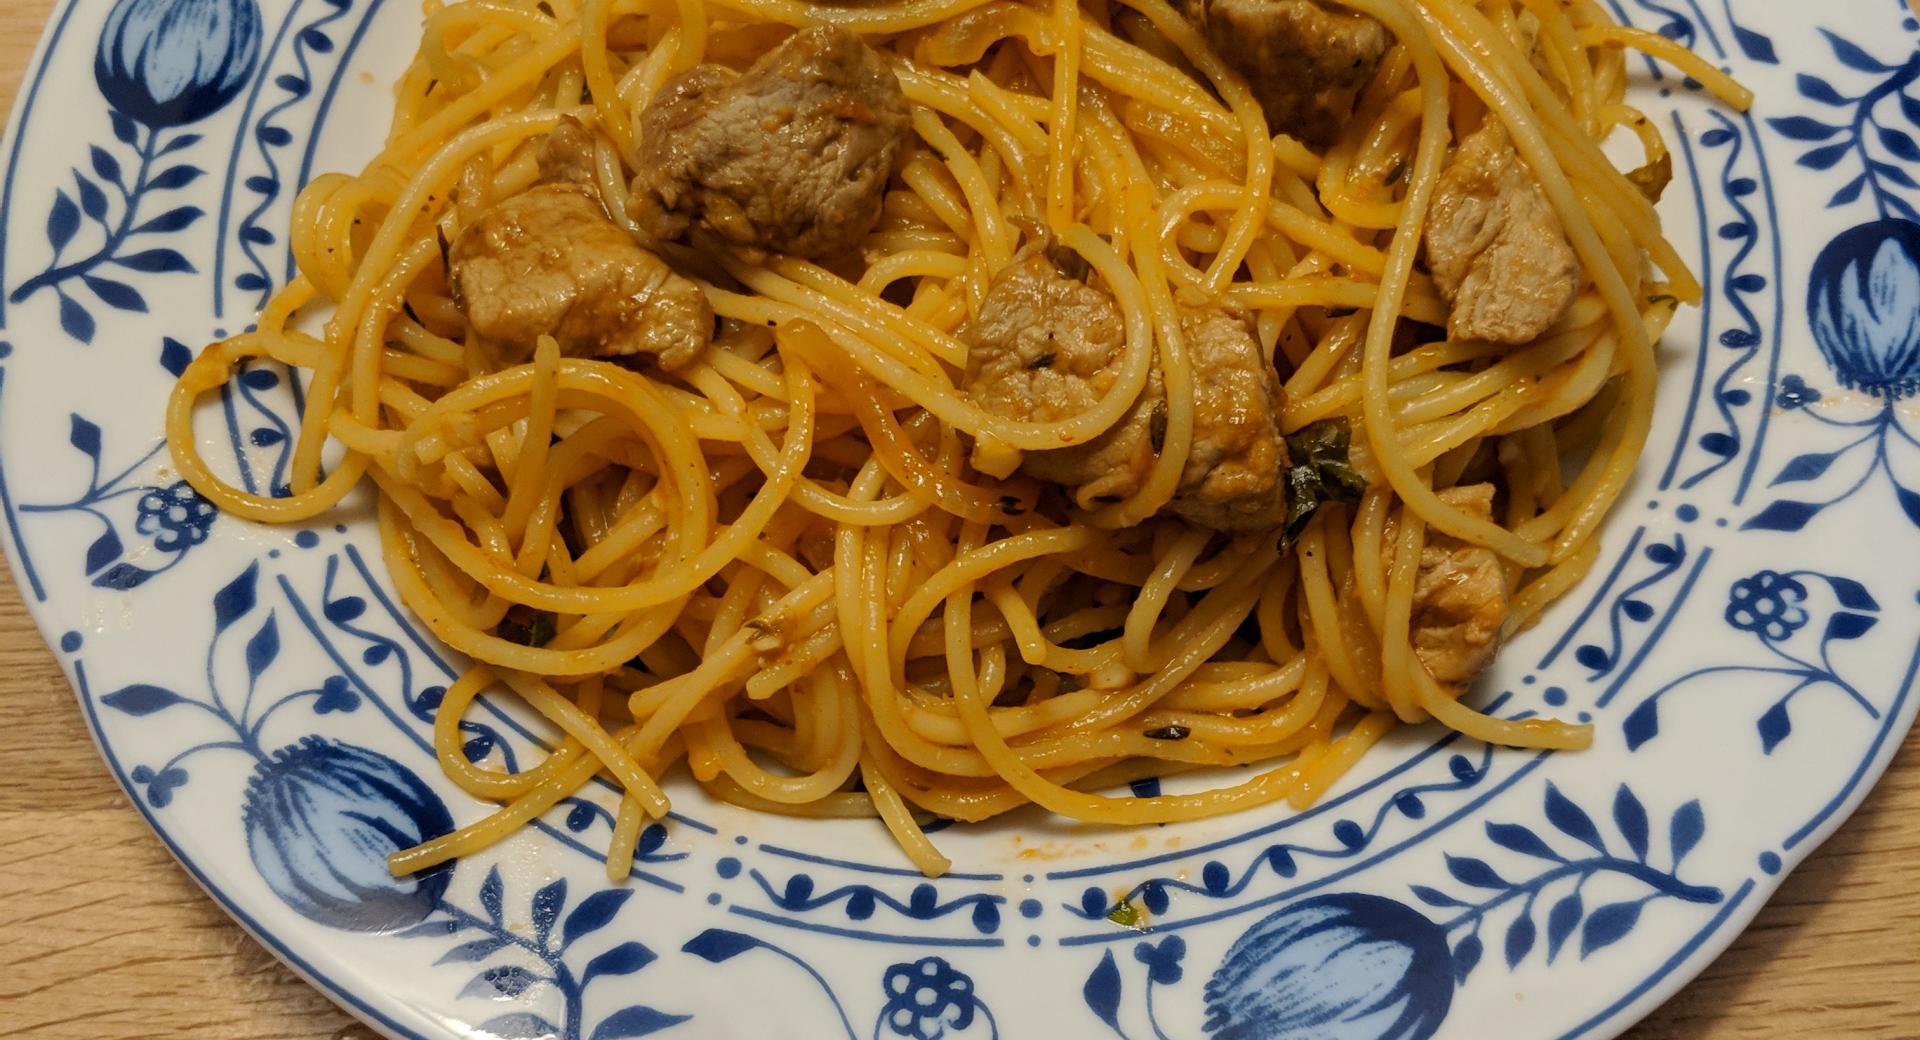 Knoblauch-Spaghetti mit Schweinefleisch